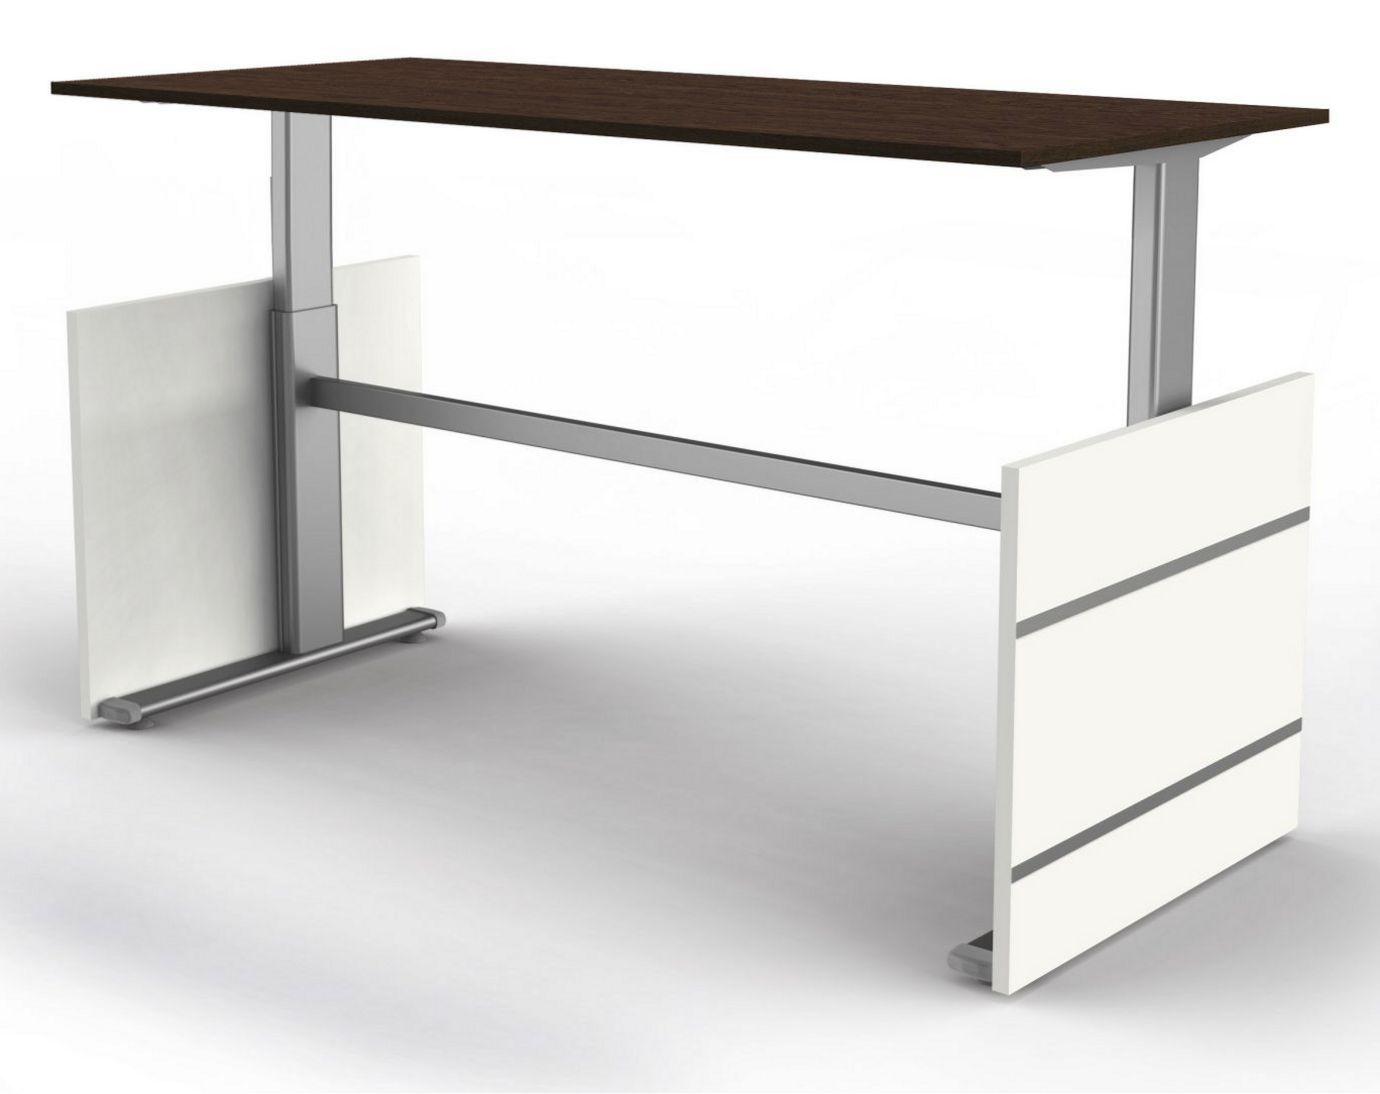 Sitz-Stehschreibtisch elektrisch höhenverstellbar 180 x 80 cm